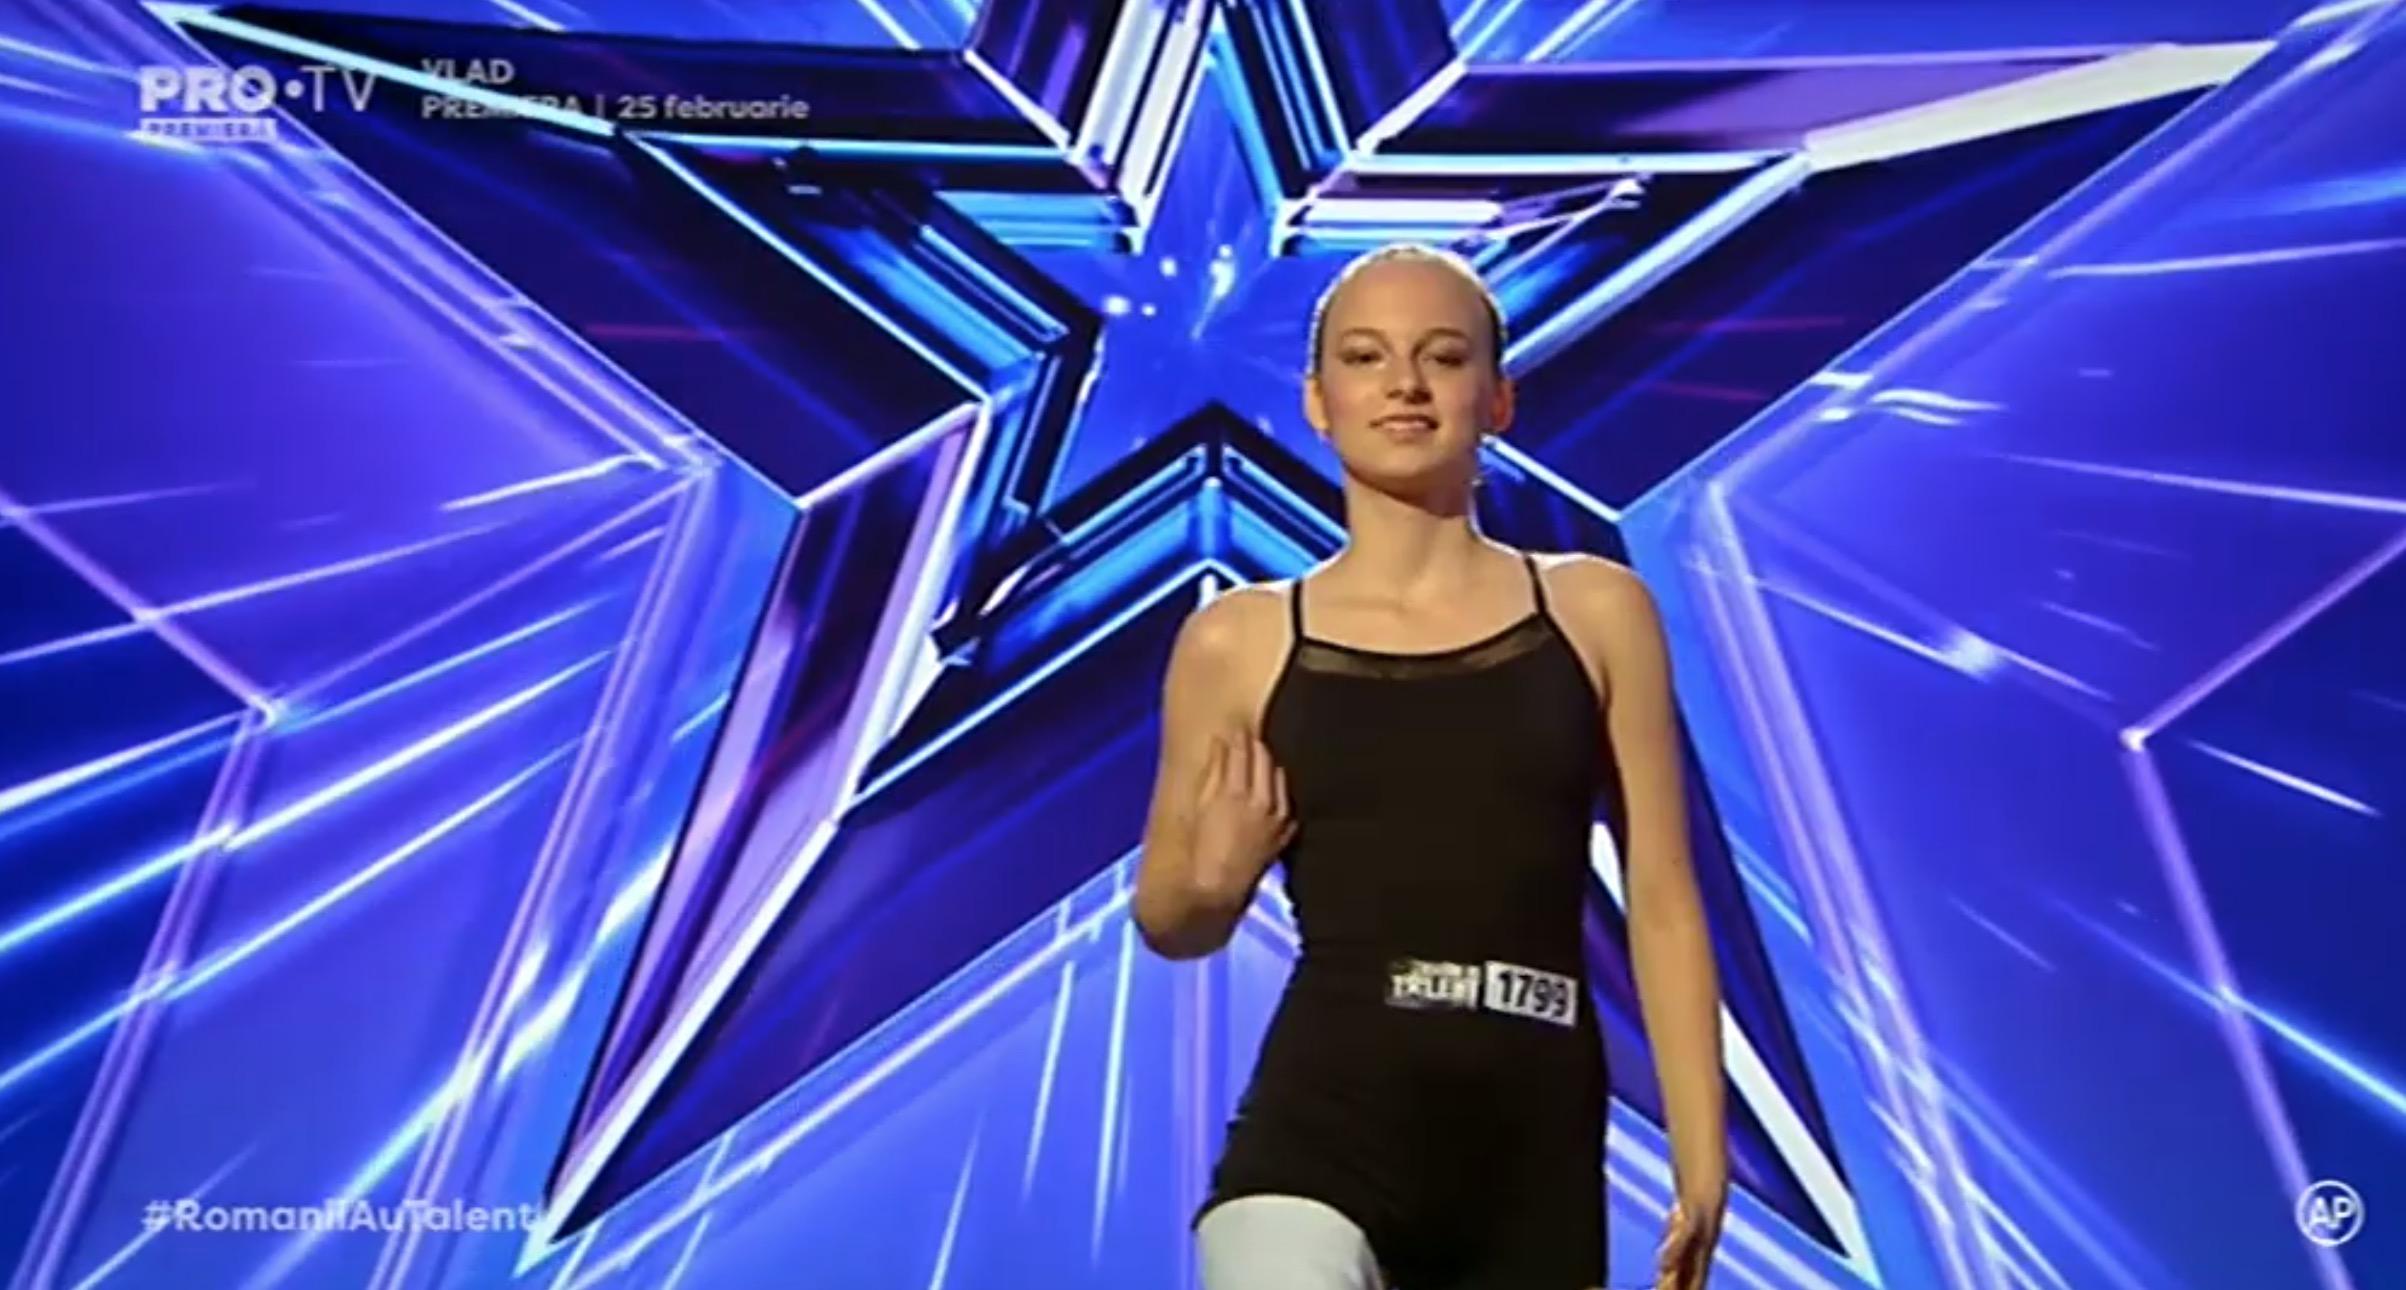 Ema Neagu gimnasta fară un picior de la Românii au talent